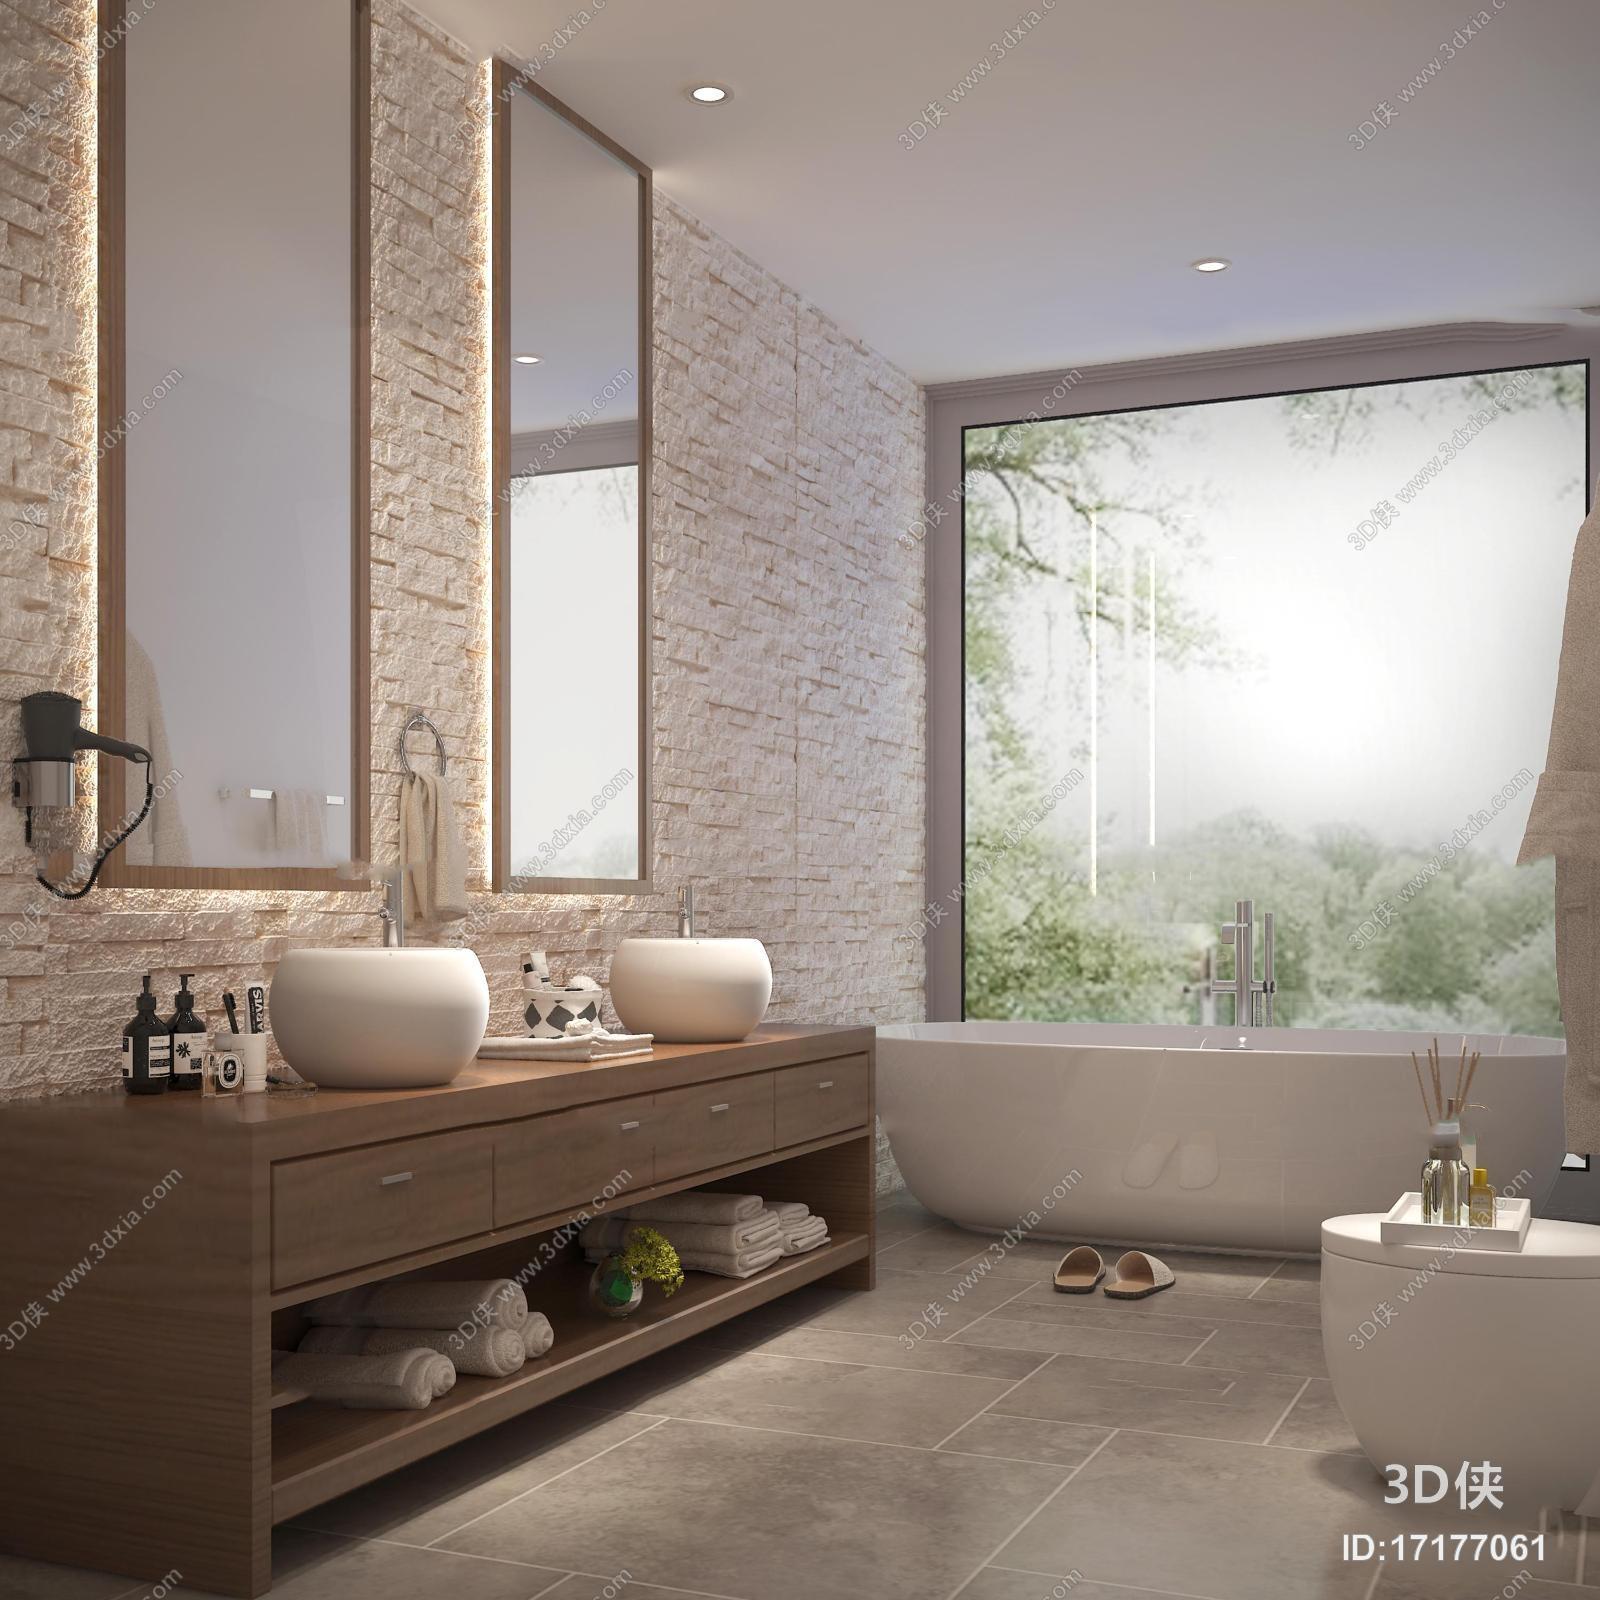 厨卫效果图素材免费下载,本作品主题是现代浴室卫生间3d模型,编号是